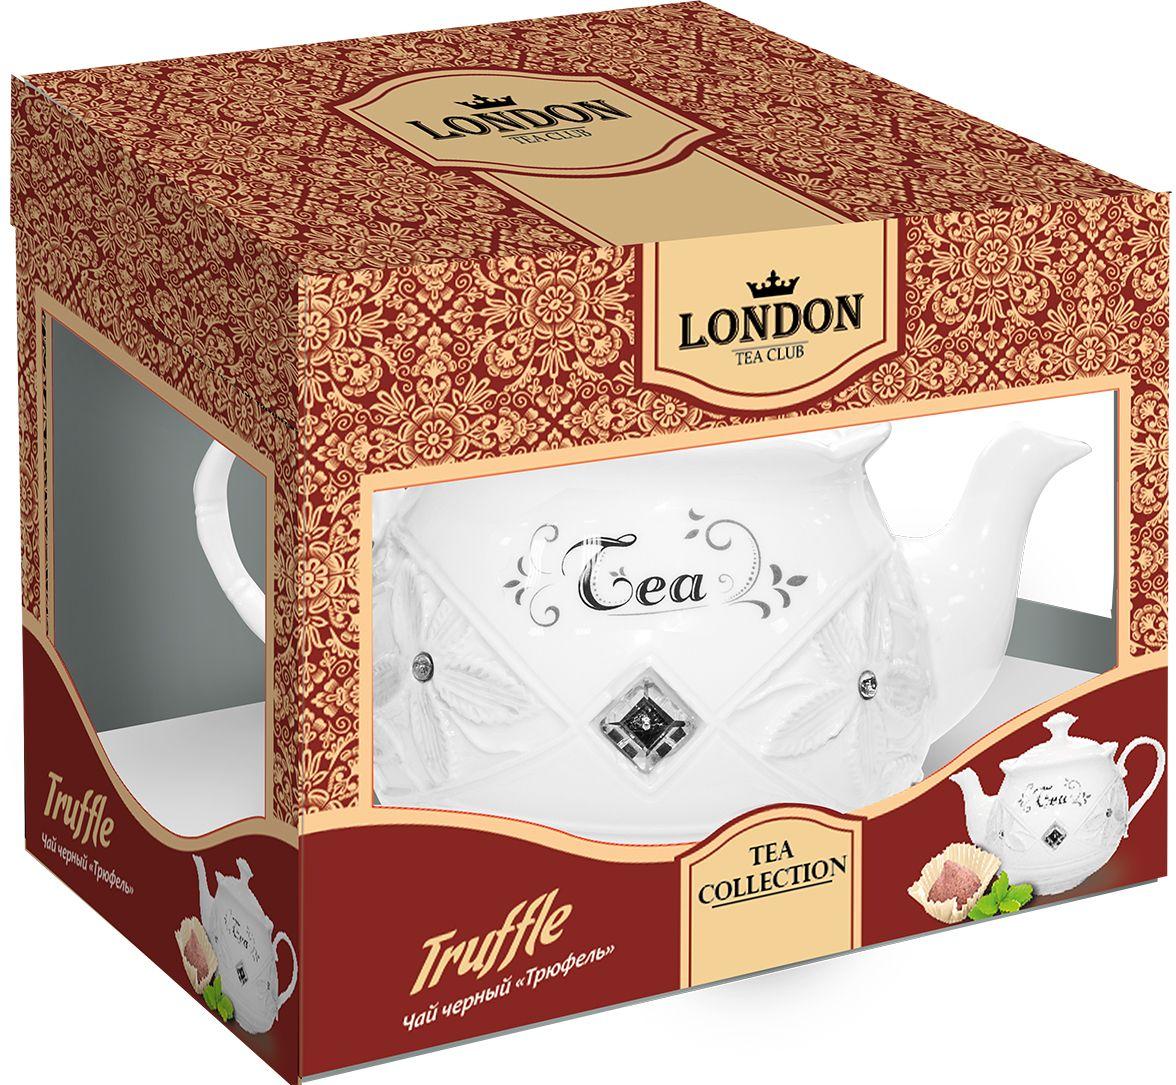 London Tea Club Трюфель чай черный в заварнике, 100 г101246Чай Трюфель с бархатным вкусом черного чая с нежным ароматом какао и шоколадно-сливочной помадки. Яркое сочетание чая с лепестками сафлора подарит вам и вашим близким гармонию и солнечное настроение на весь день.